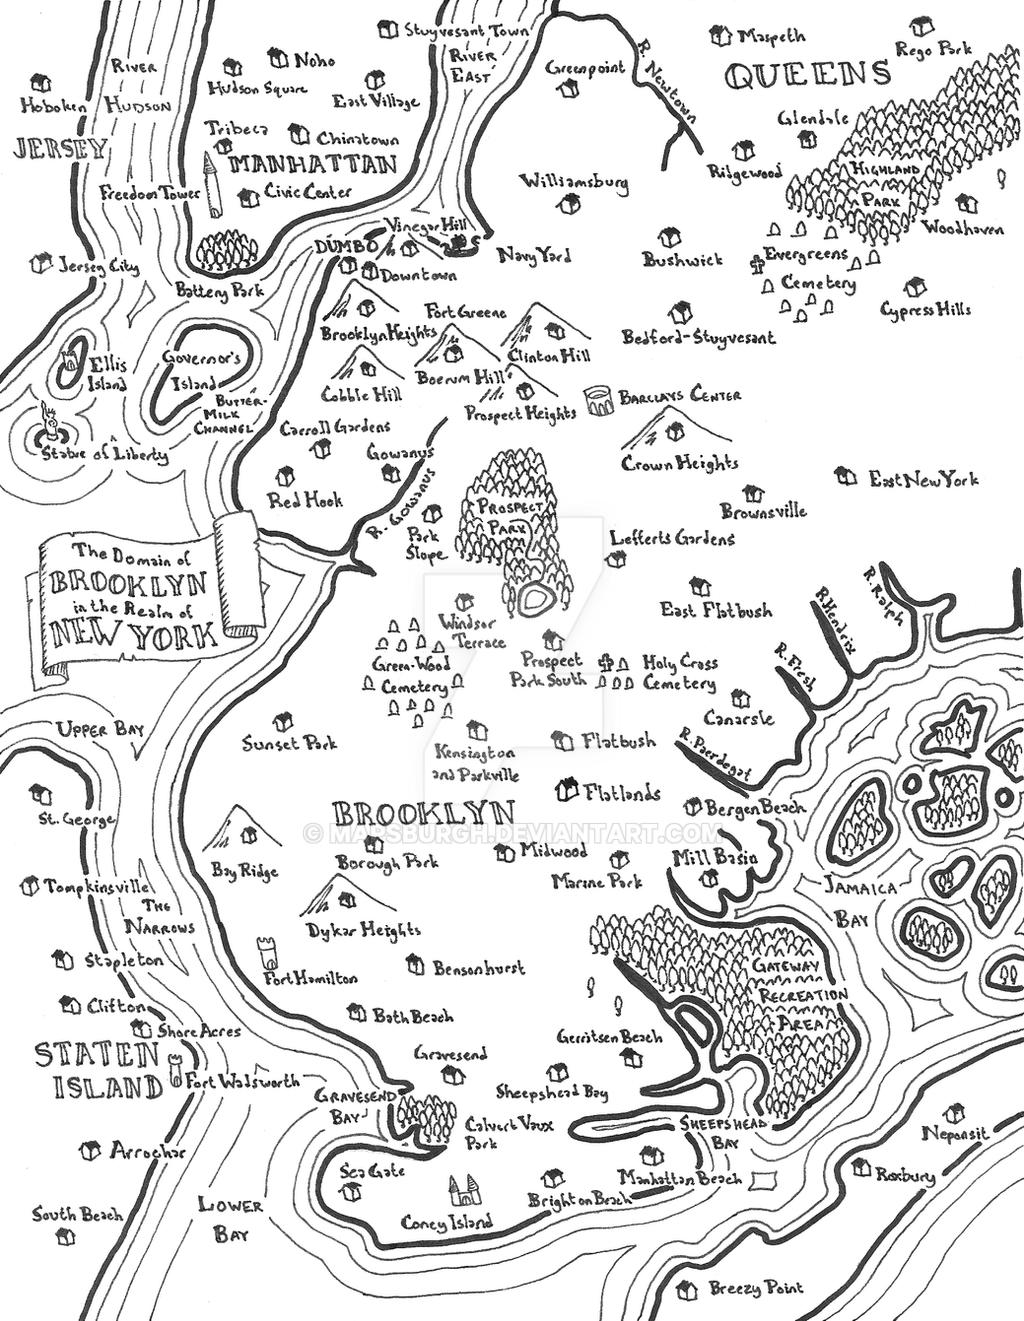 Brooklyn fantasy map by Mapsburgh